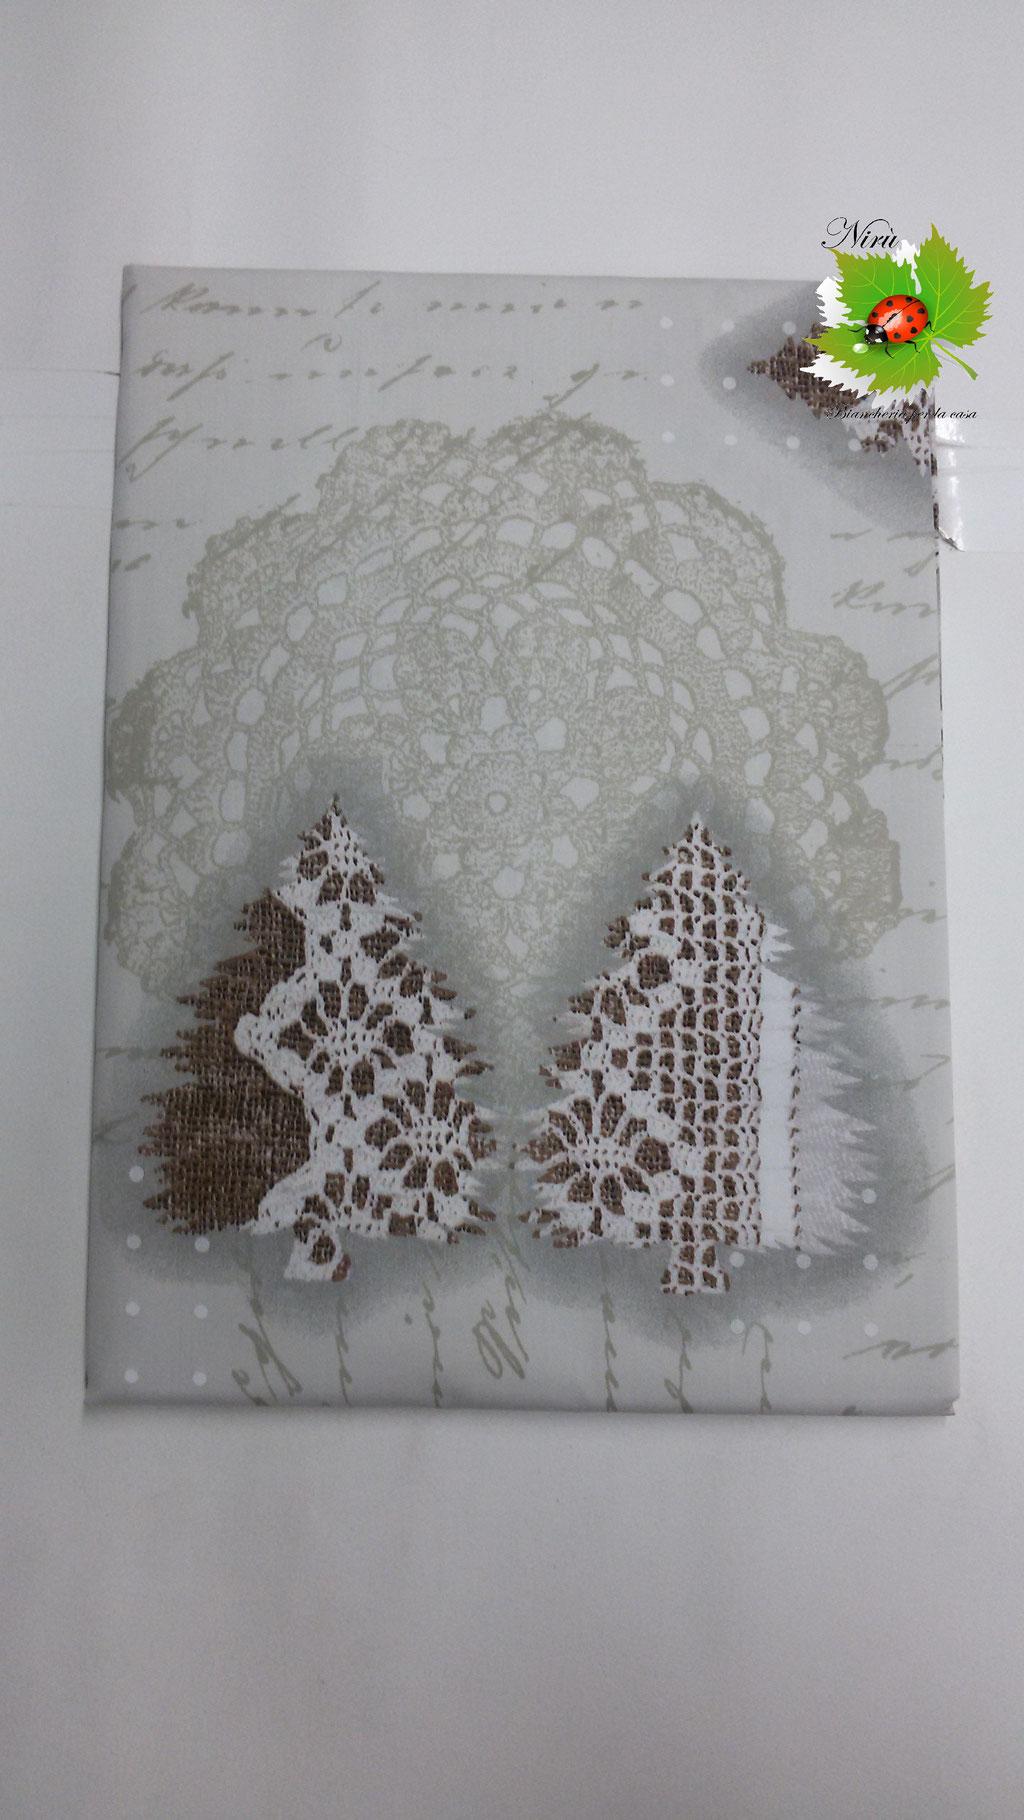 Tovaglia natalizia da 24 posti 140x450 cm. Col.Panna.B106